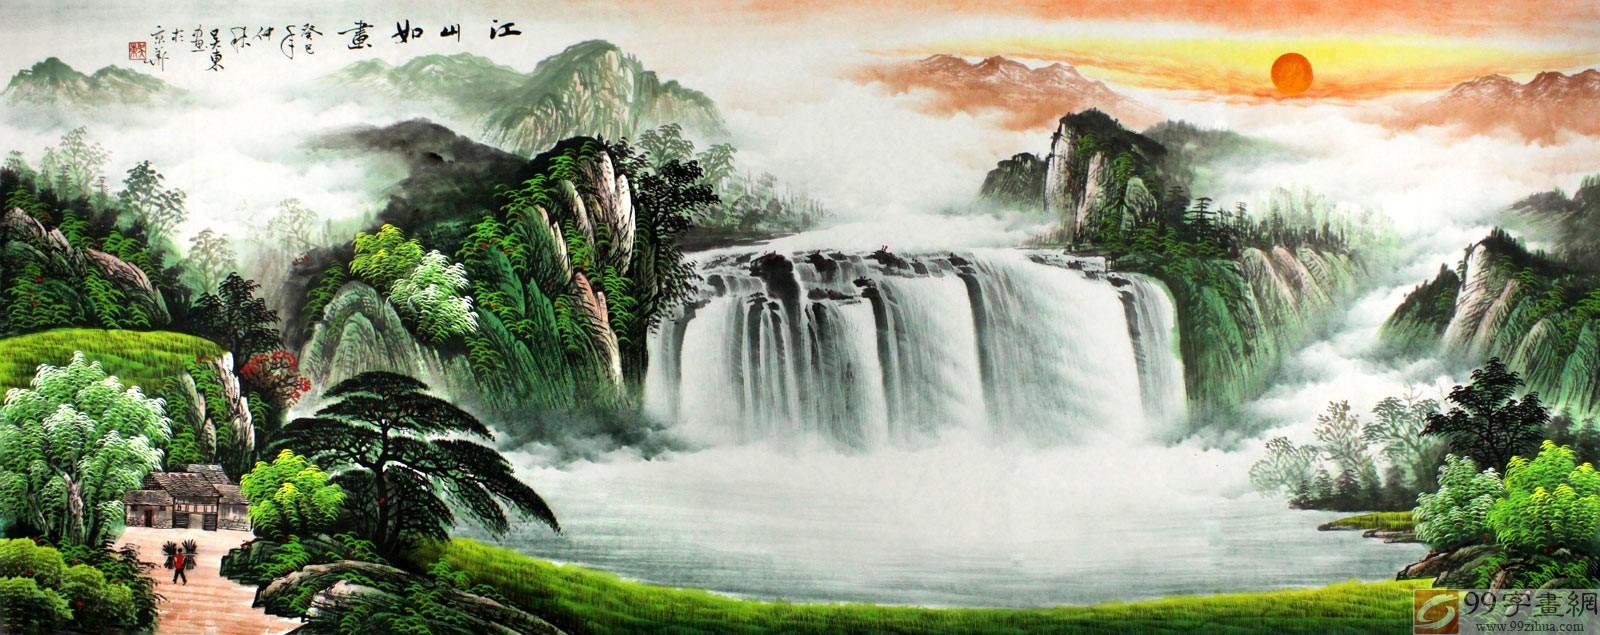 祖国山水矢量图